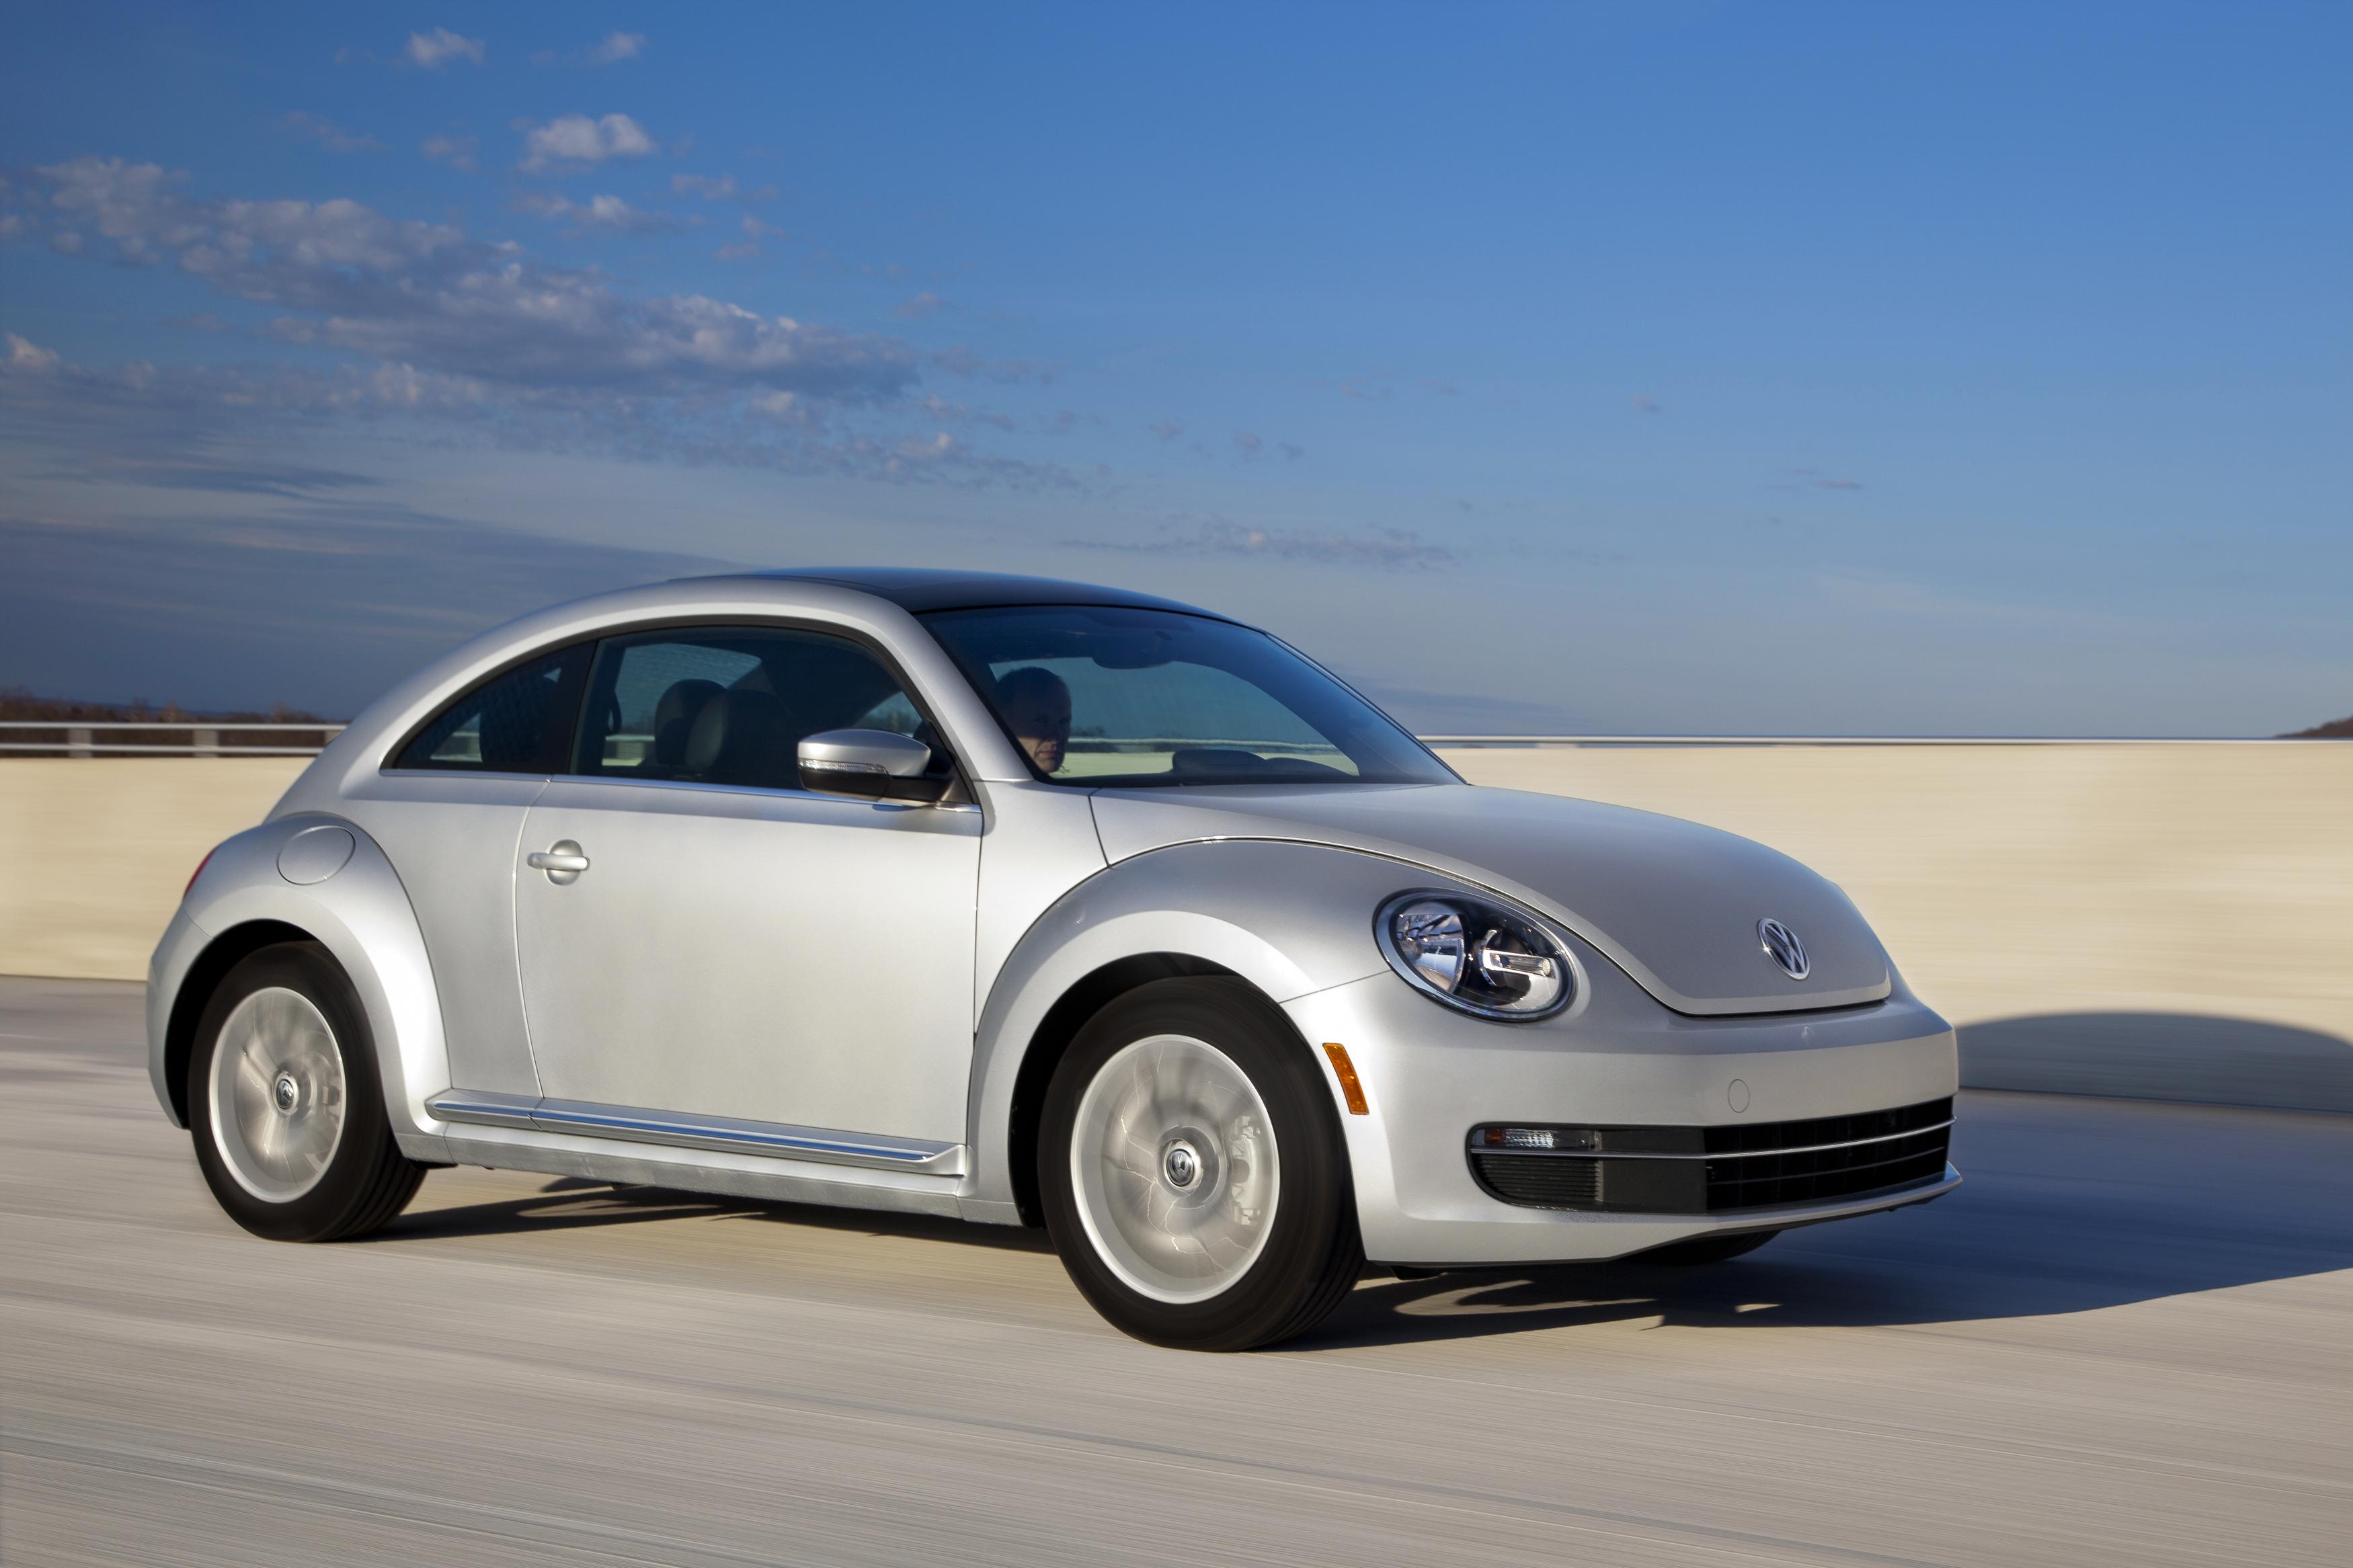 volkswagen-beetle-tdi-012